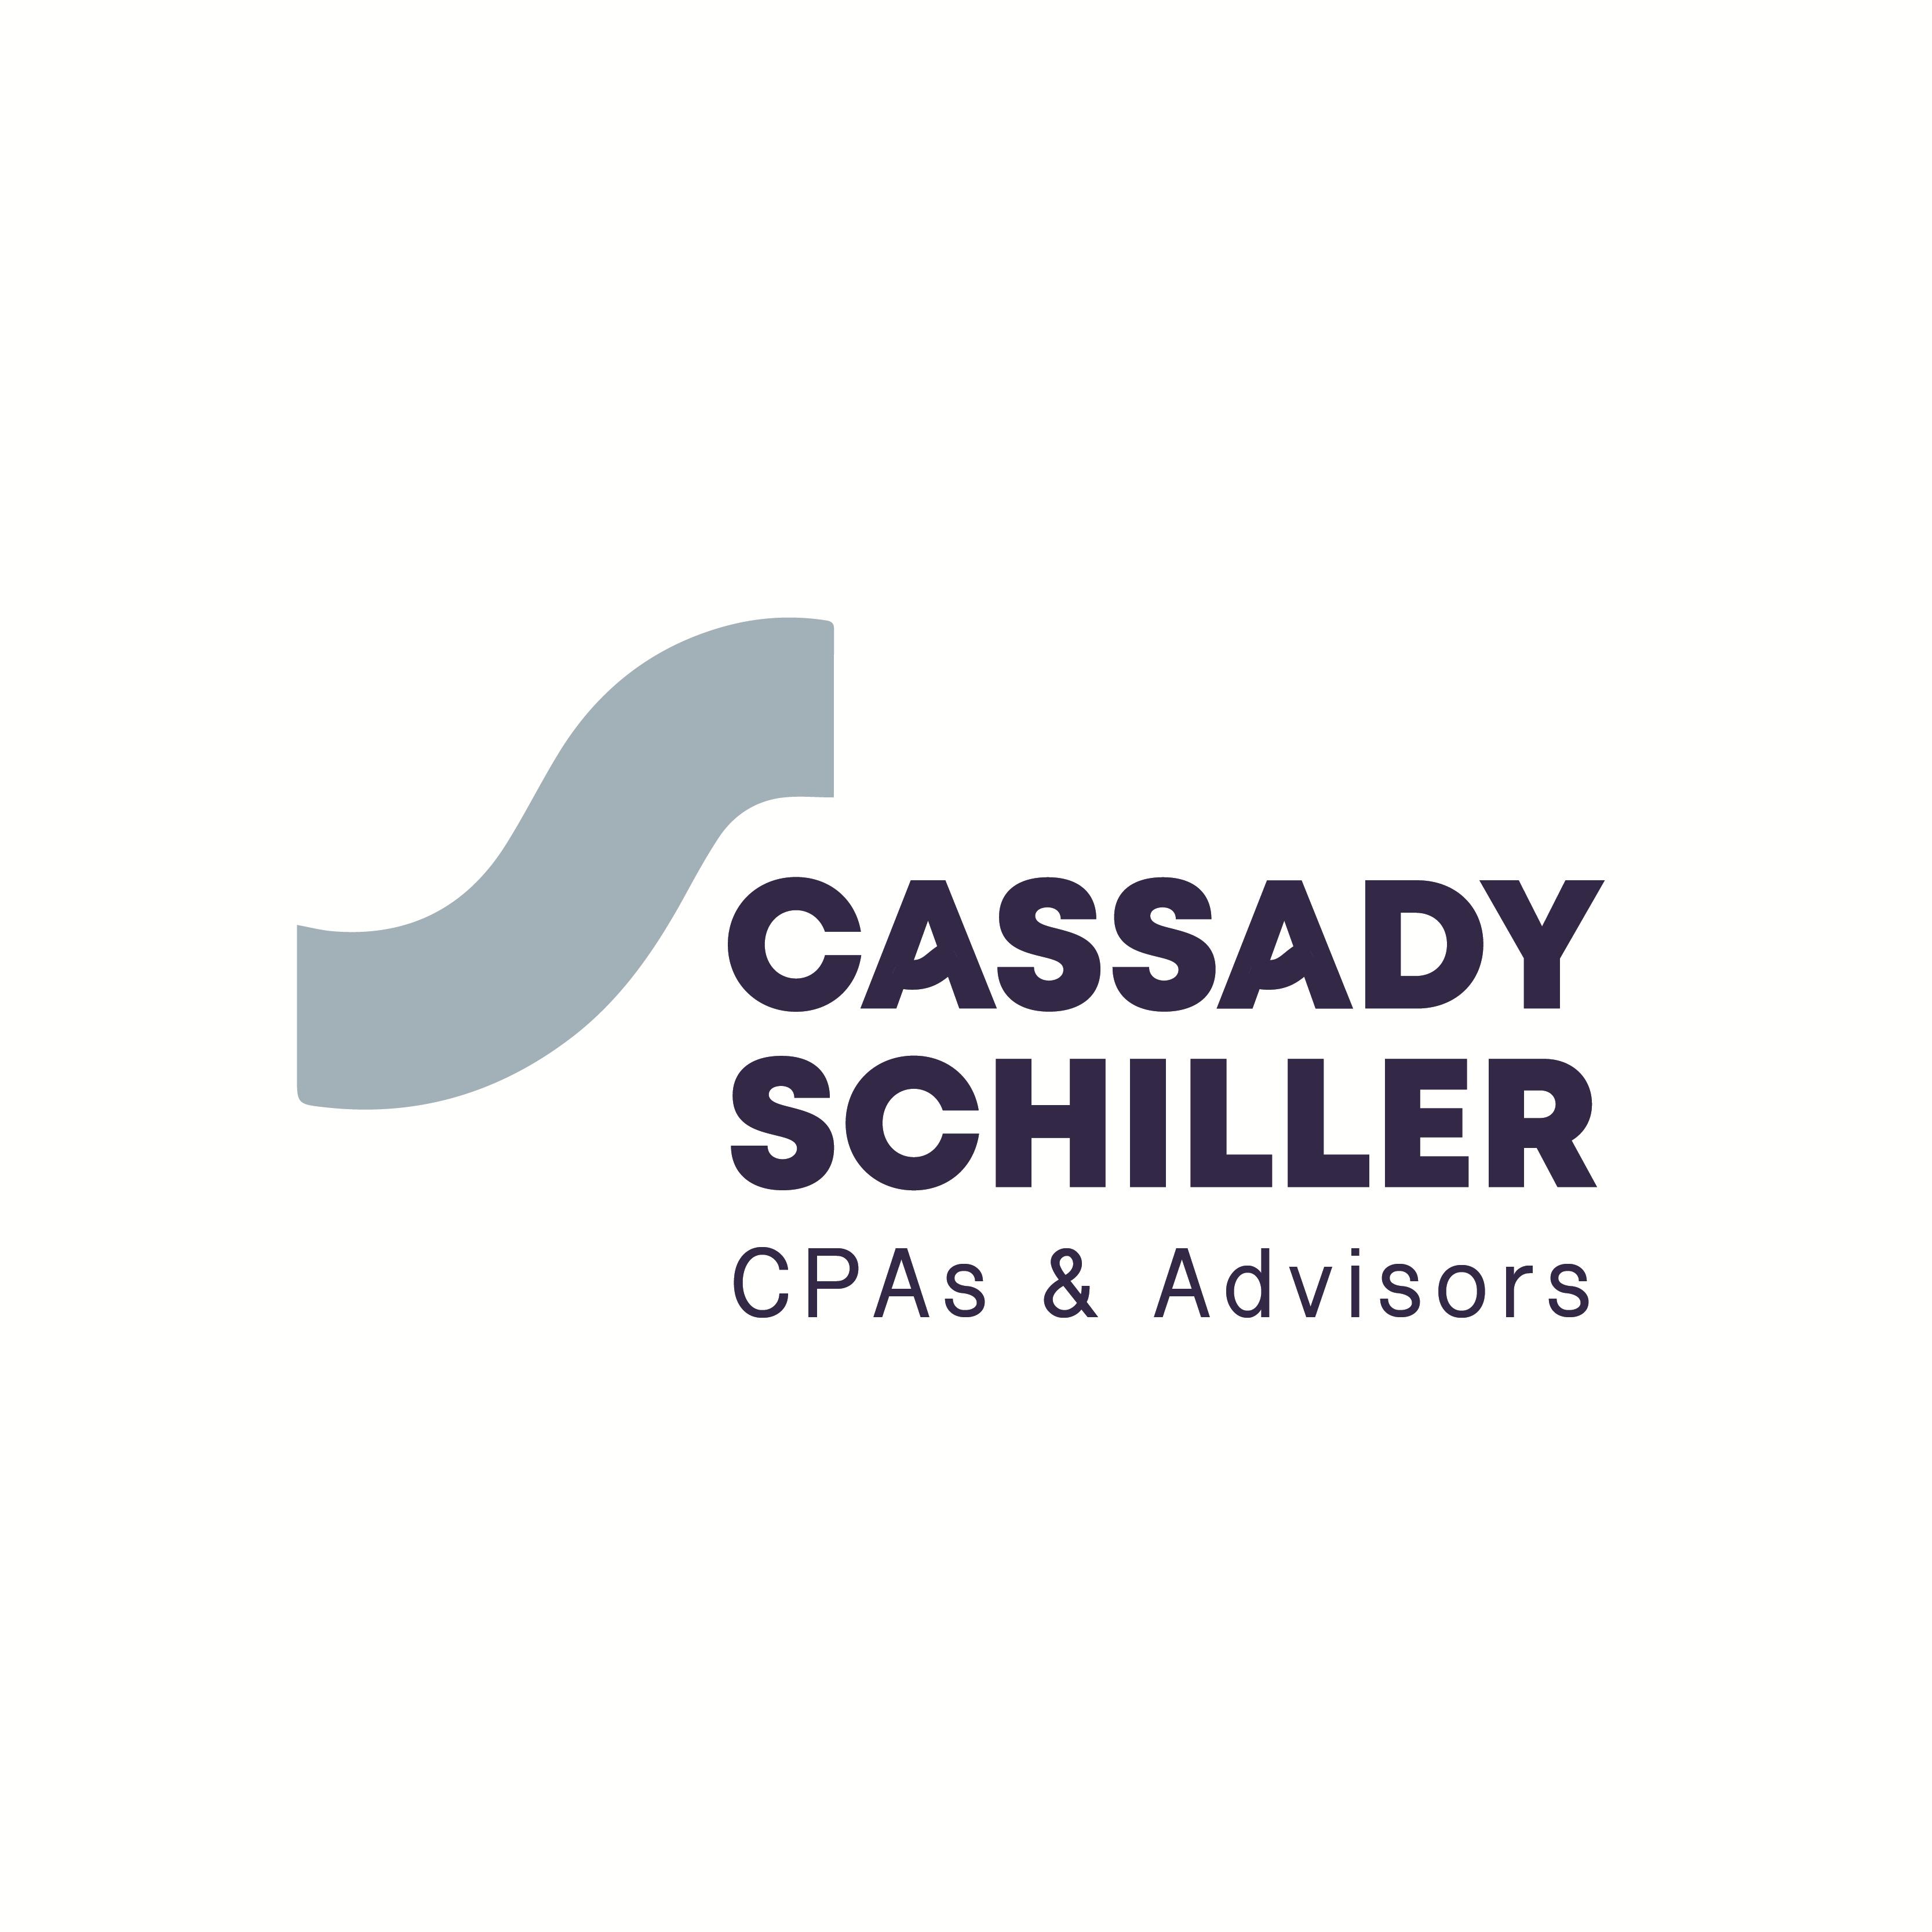 Cassady Schiller CPA's & Advisors logo